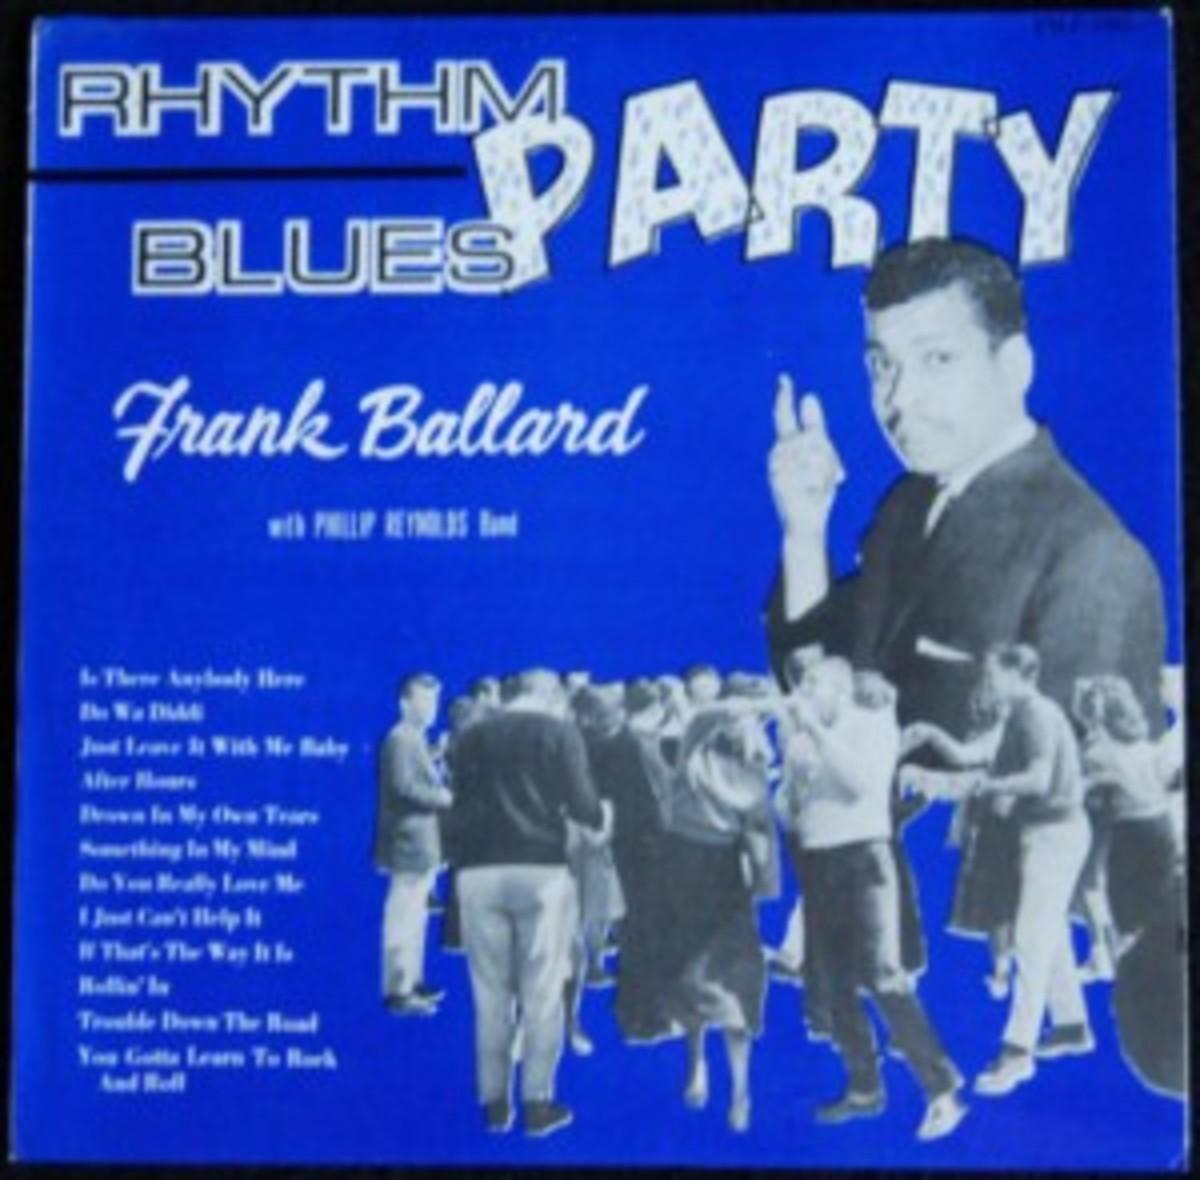 Frank Ballard with Phillip Reynolds Band Rhythm Blues Party